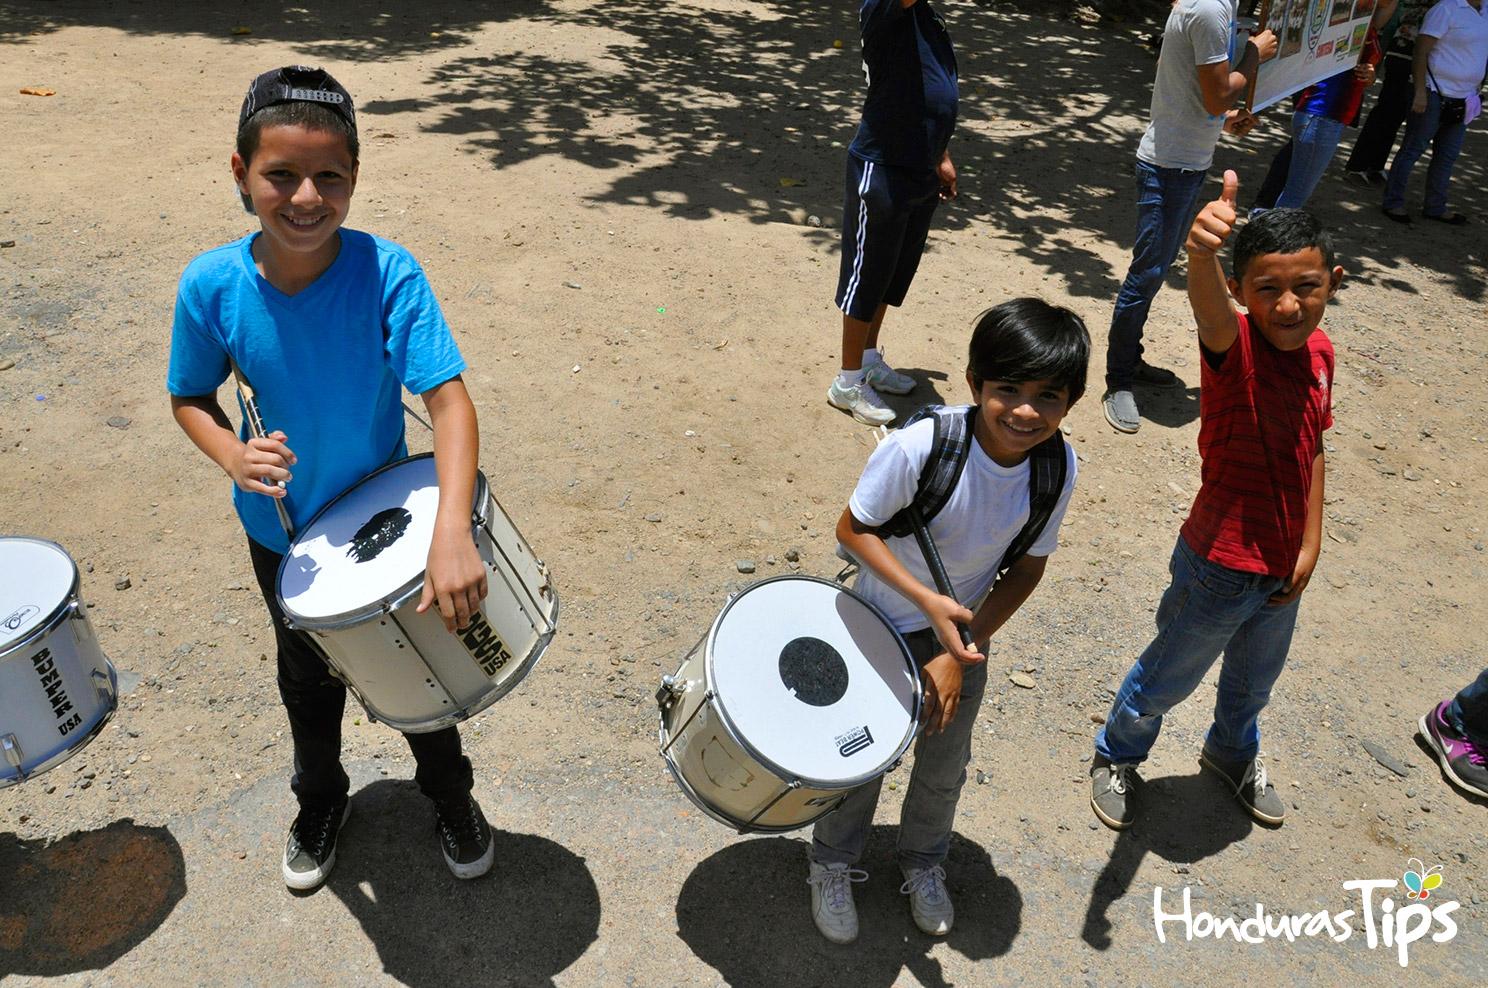 Los niños y maestros de la escuela Vilma Yolanda Castillo Santos también se unieron a dar una sonriente bienvenida a los miembros de Caravana de Identidad.